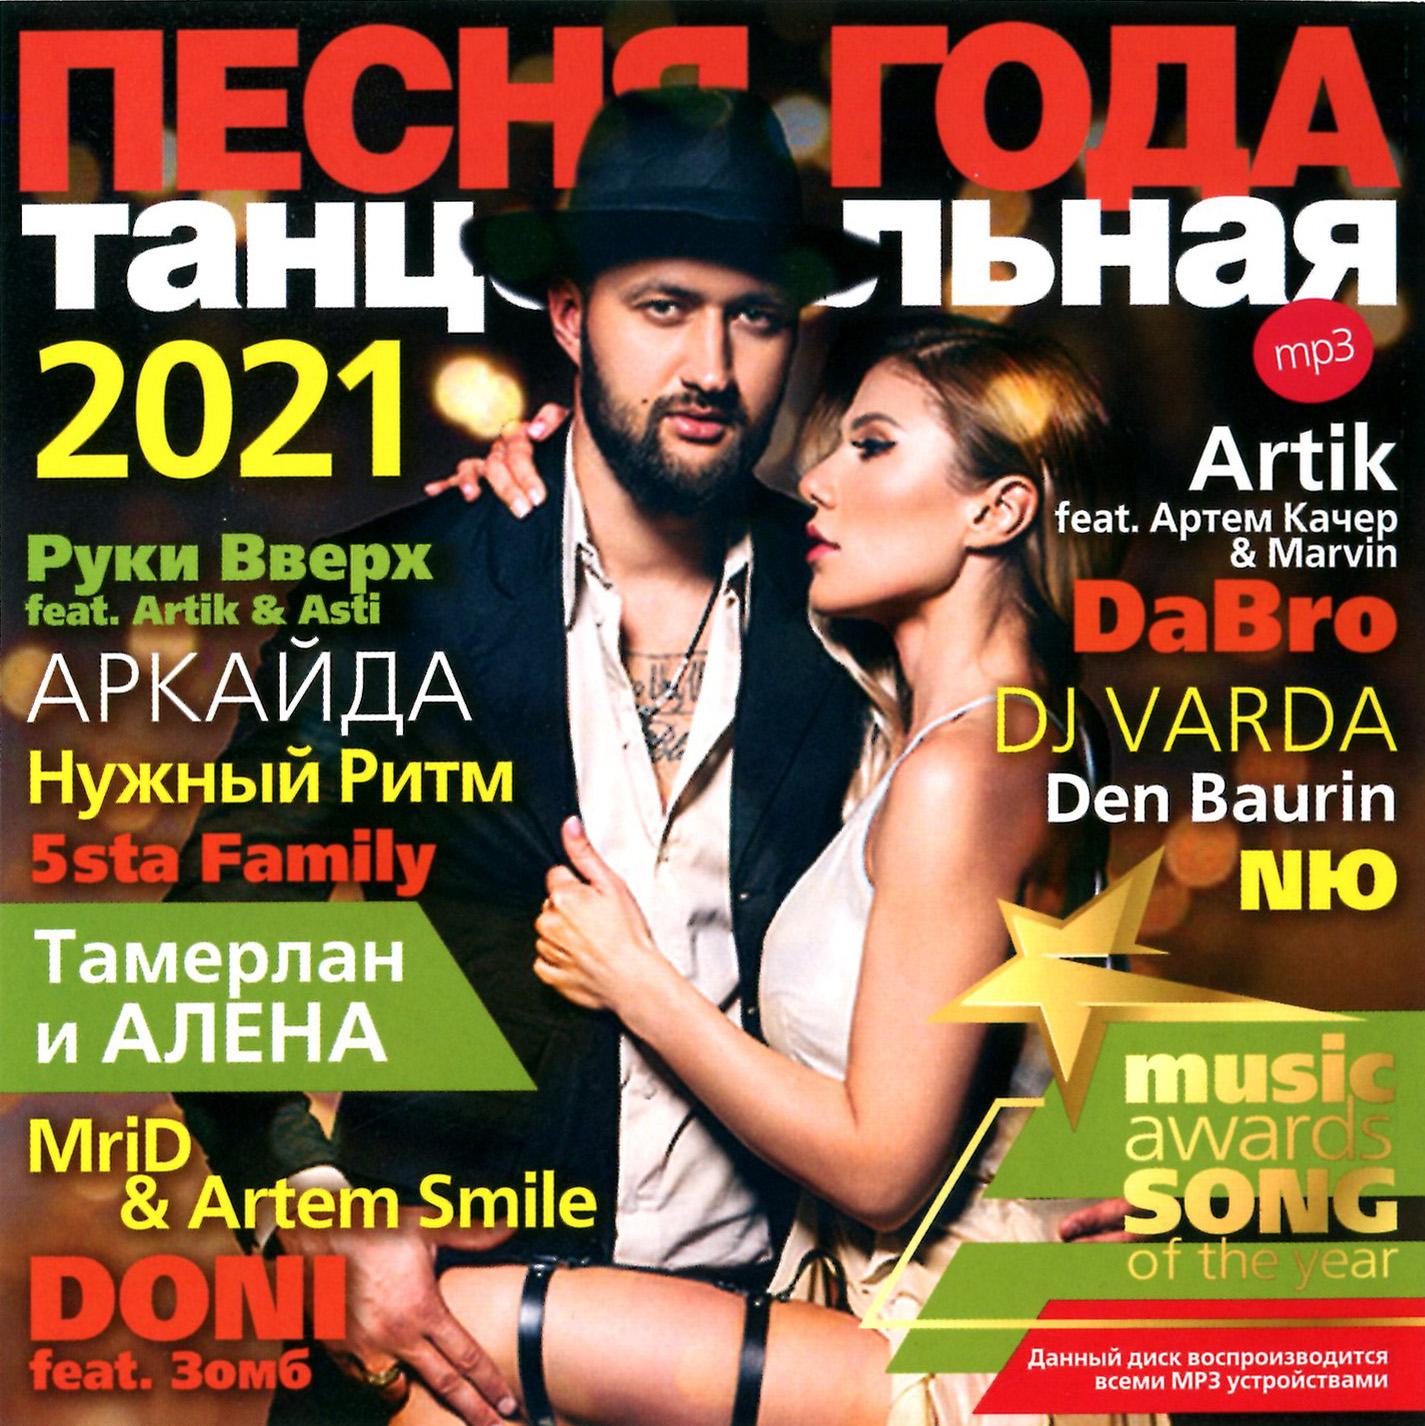 ПЕСНЯ ГОДА – 2021 танцевальная [mp3]